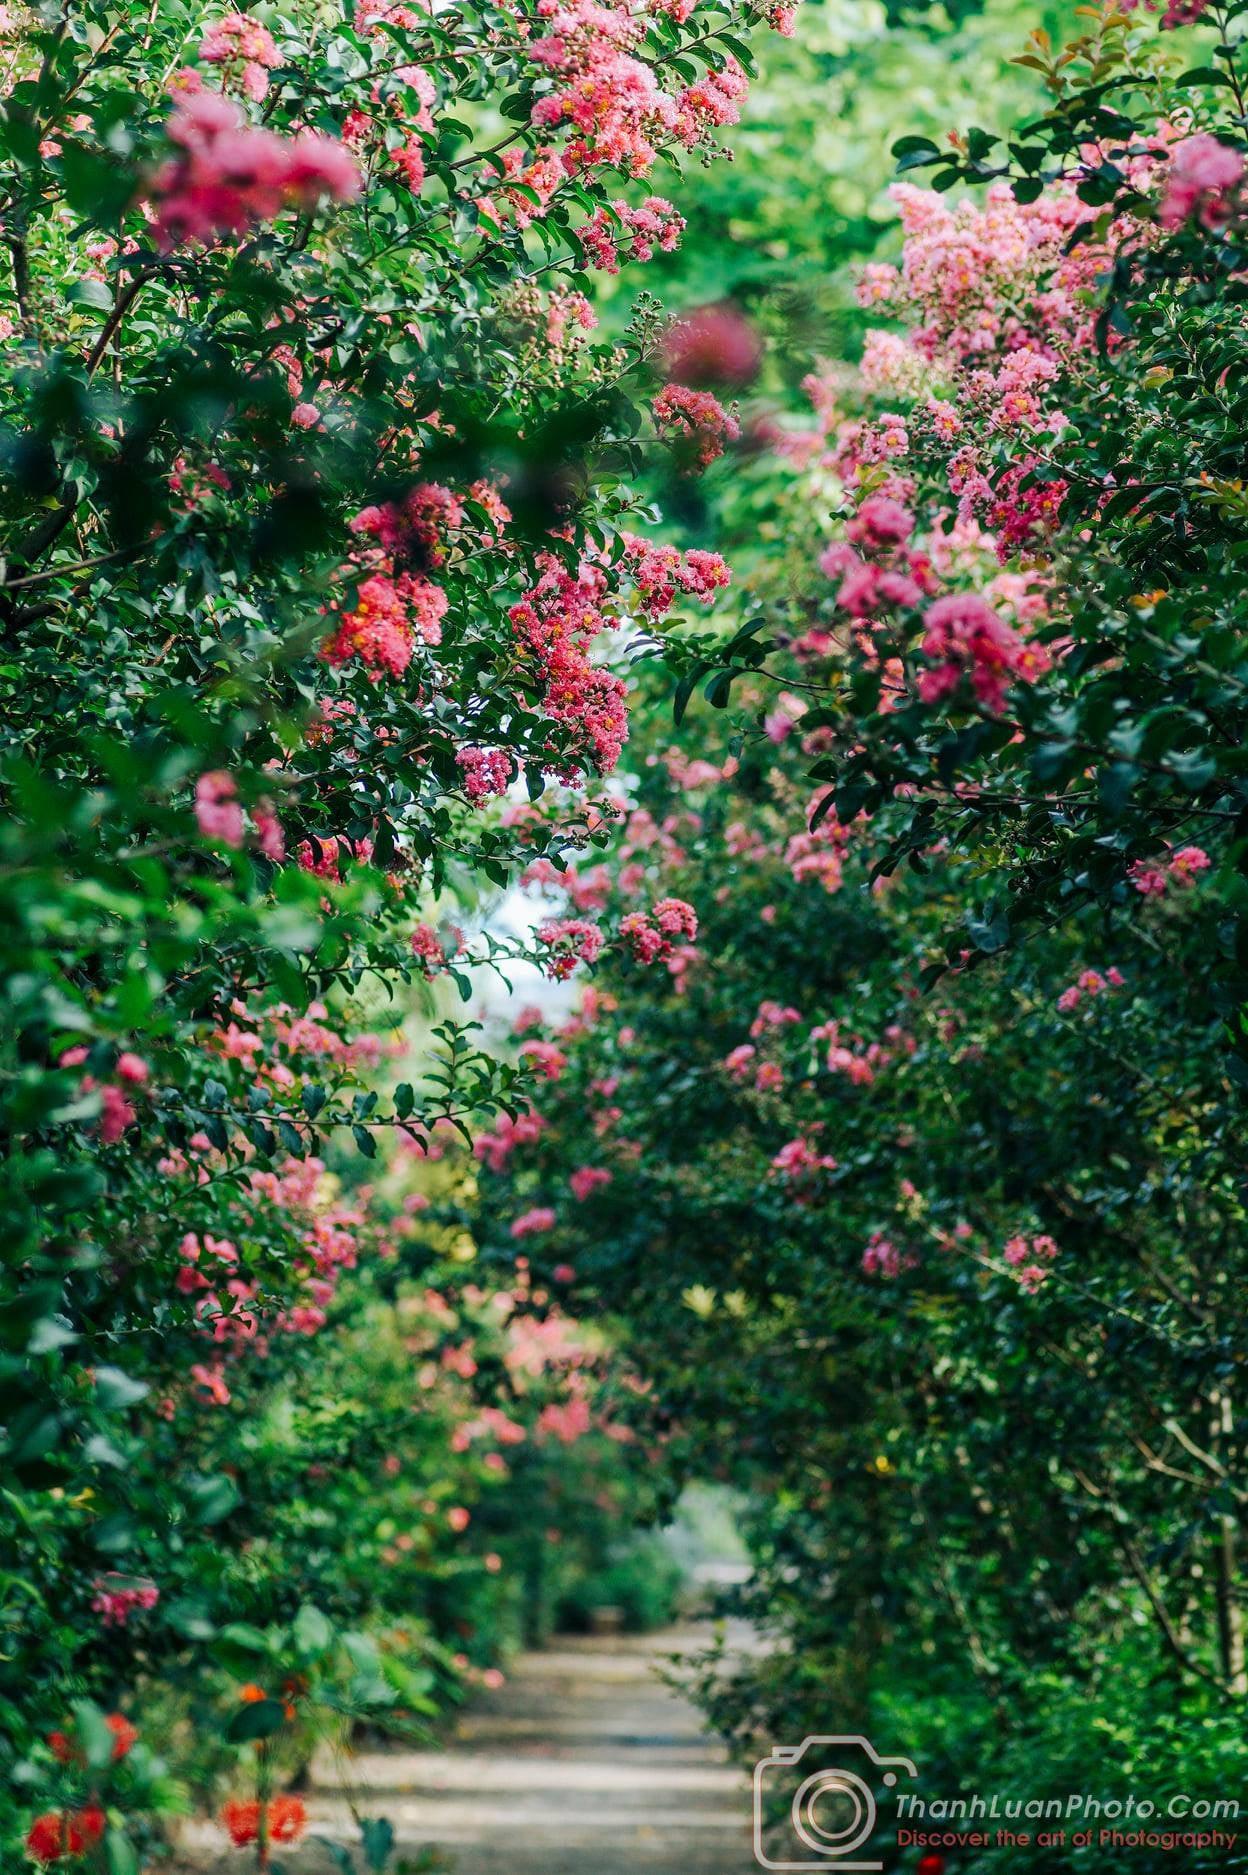 Mê mẩn đường hoa tường vi, đẹp tựa vườn thượng uyển ở trời Âu - 10